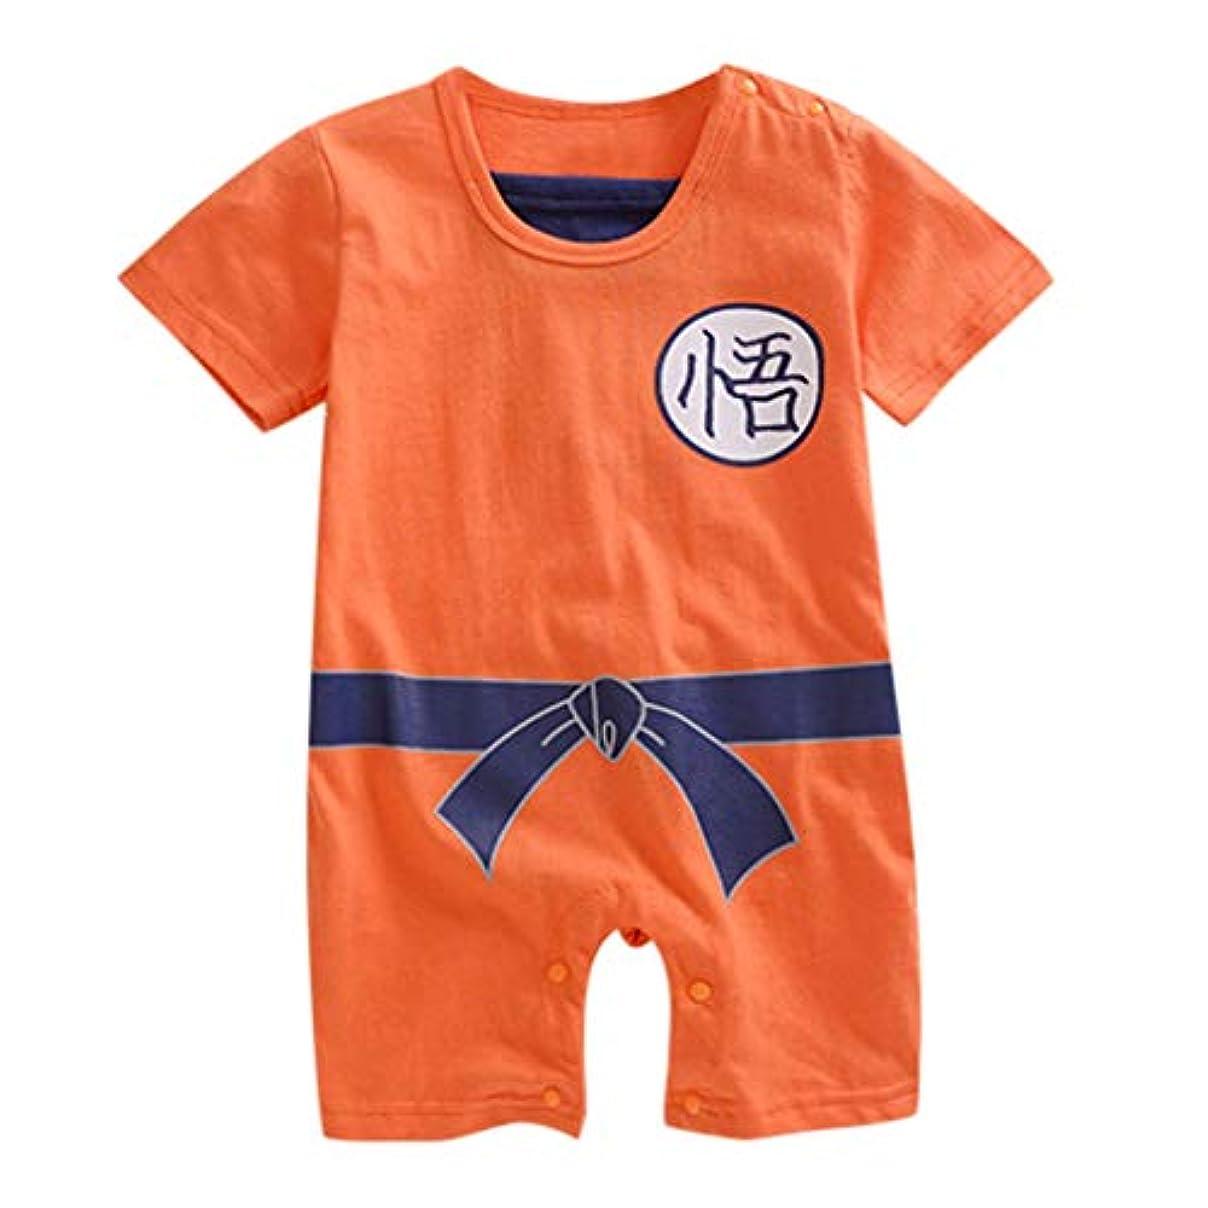 参照するどこにでも検索ベビー服 ロンパース カバーオール 着ぐるみ 生まれたばかりの赤ちゃんの女の子の男の子子供漫画プリント半袖ロンパースコスチュームボディスーツ